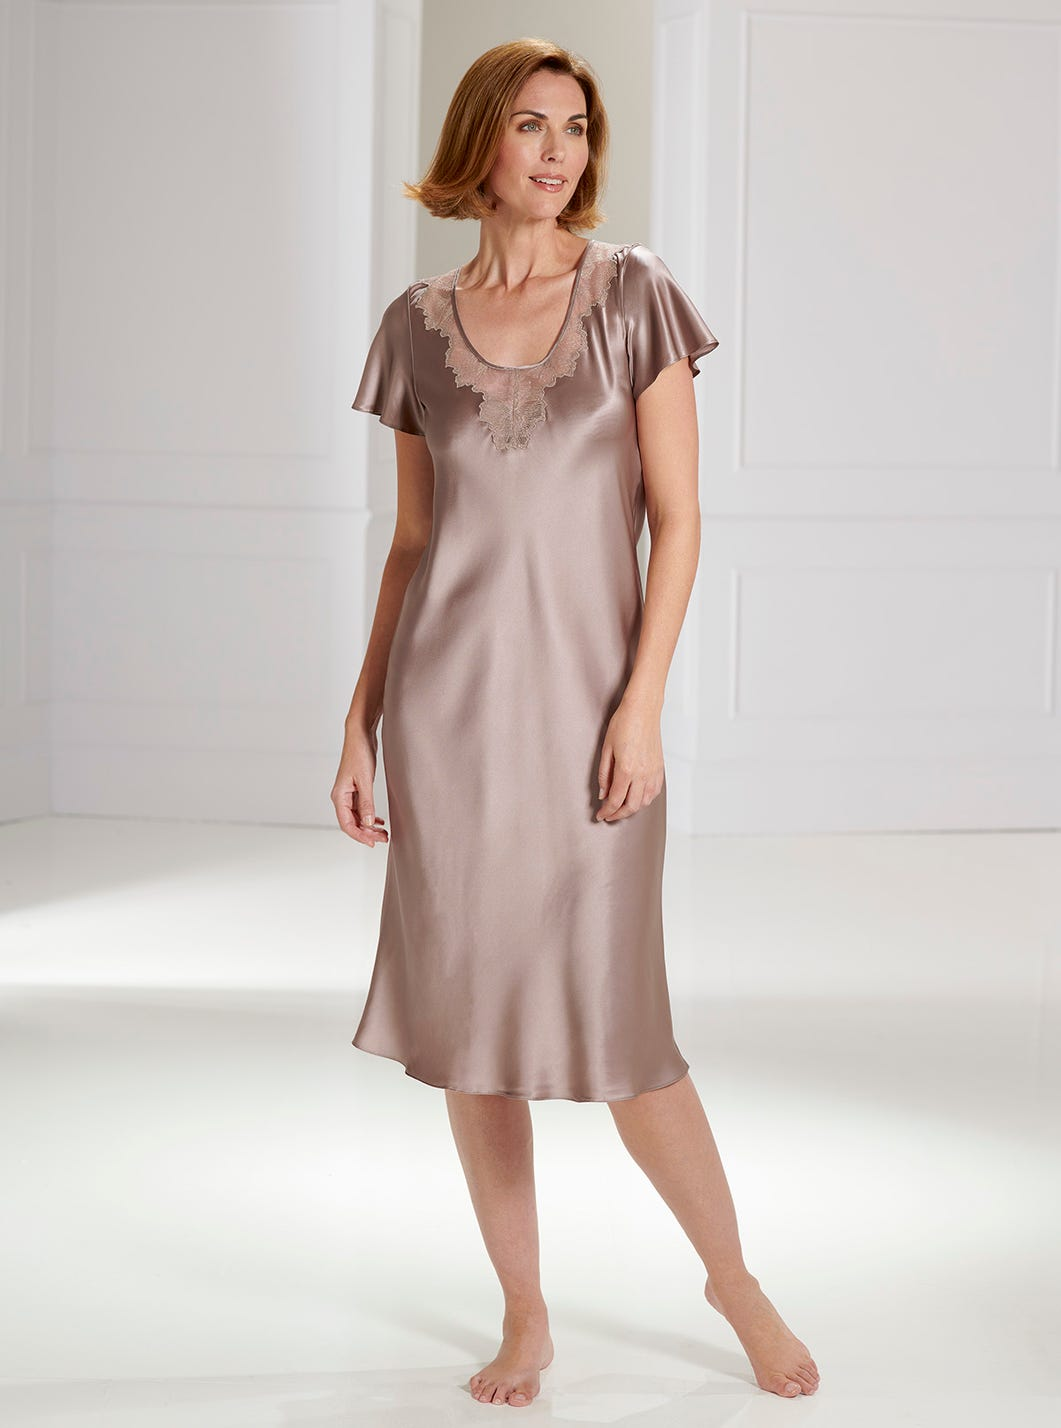 Glamorous Satin Nightdress